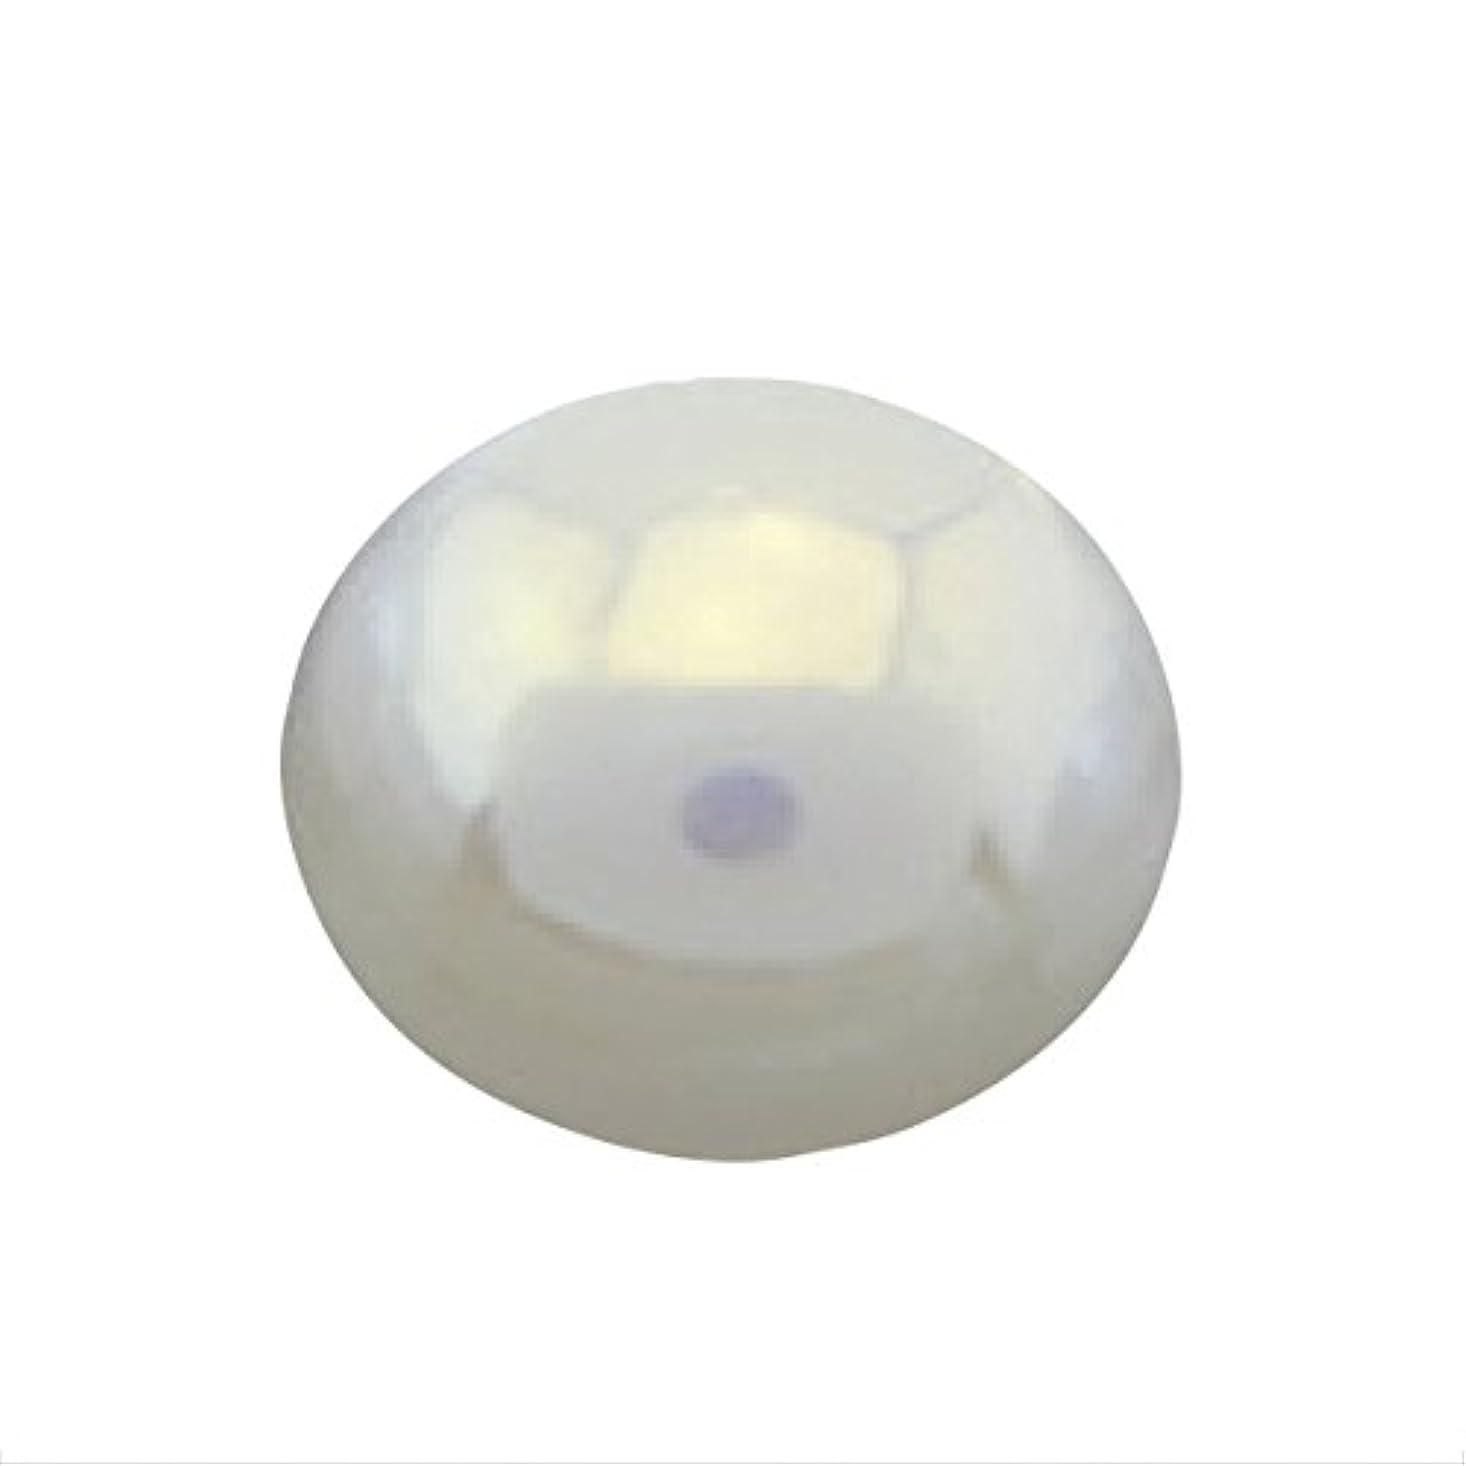 参加者マッサージ楽なパールオーロラホワイト1.5mm(50個入り)